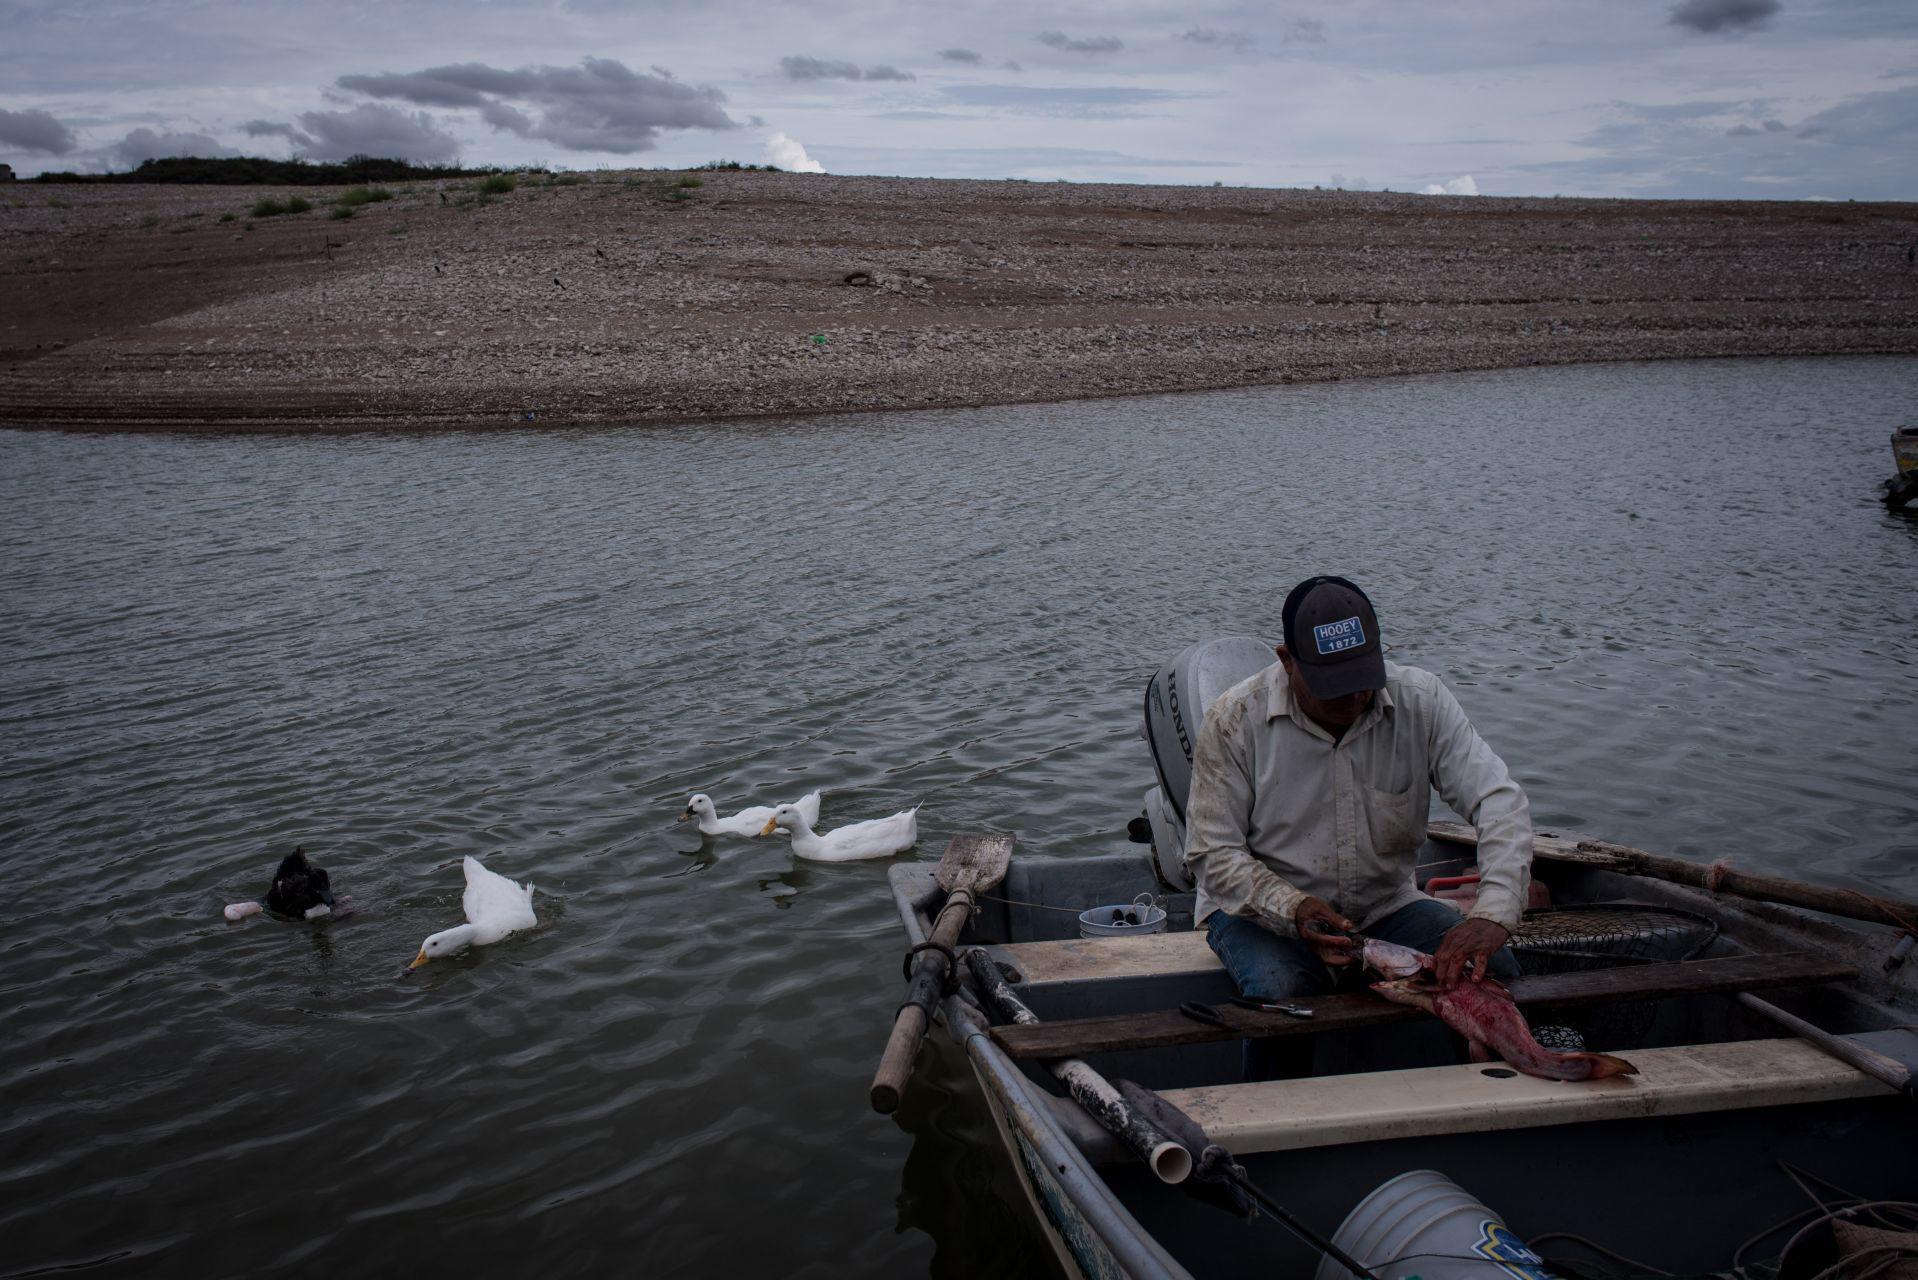 El pescador Pedro quita la piel a su pesca después de su jornada. San Francisco de Conchos, Chihuahua, México. El 18 de septiembre de 2020.